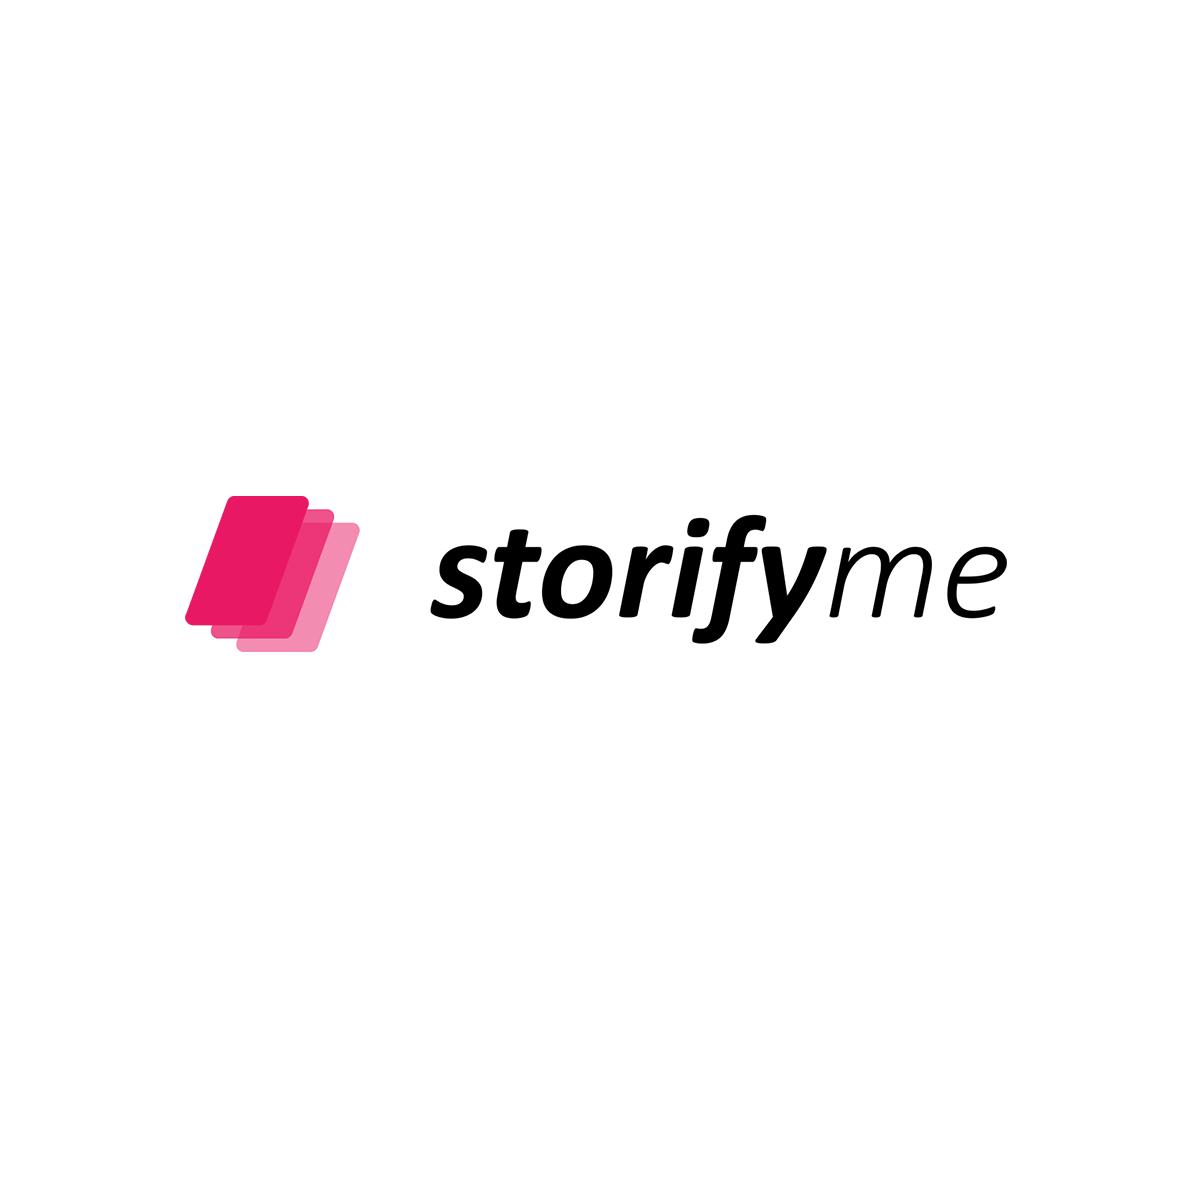 StorifyMe